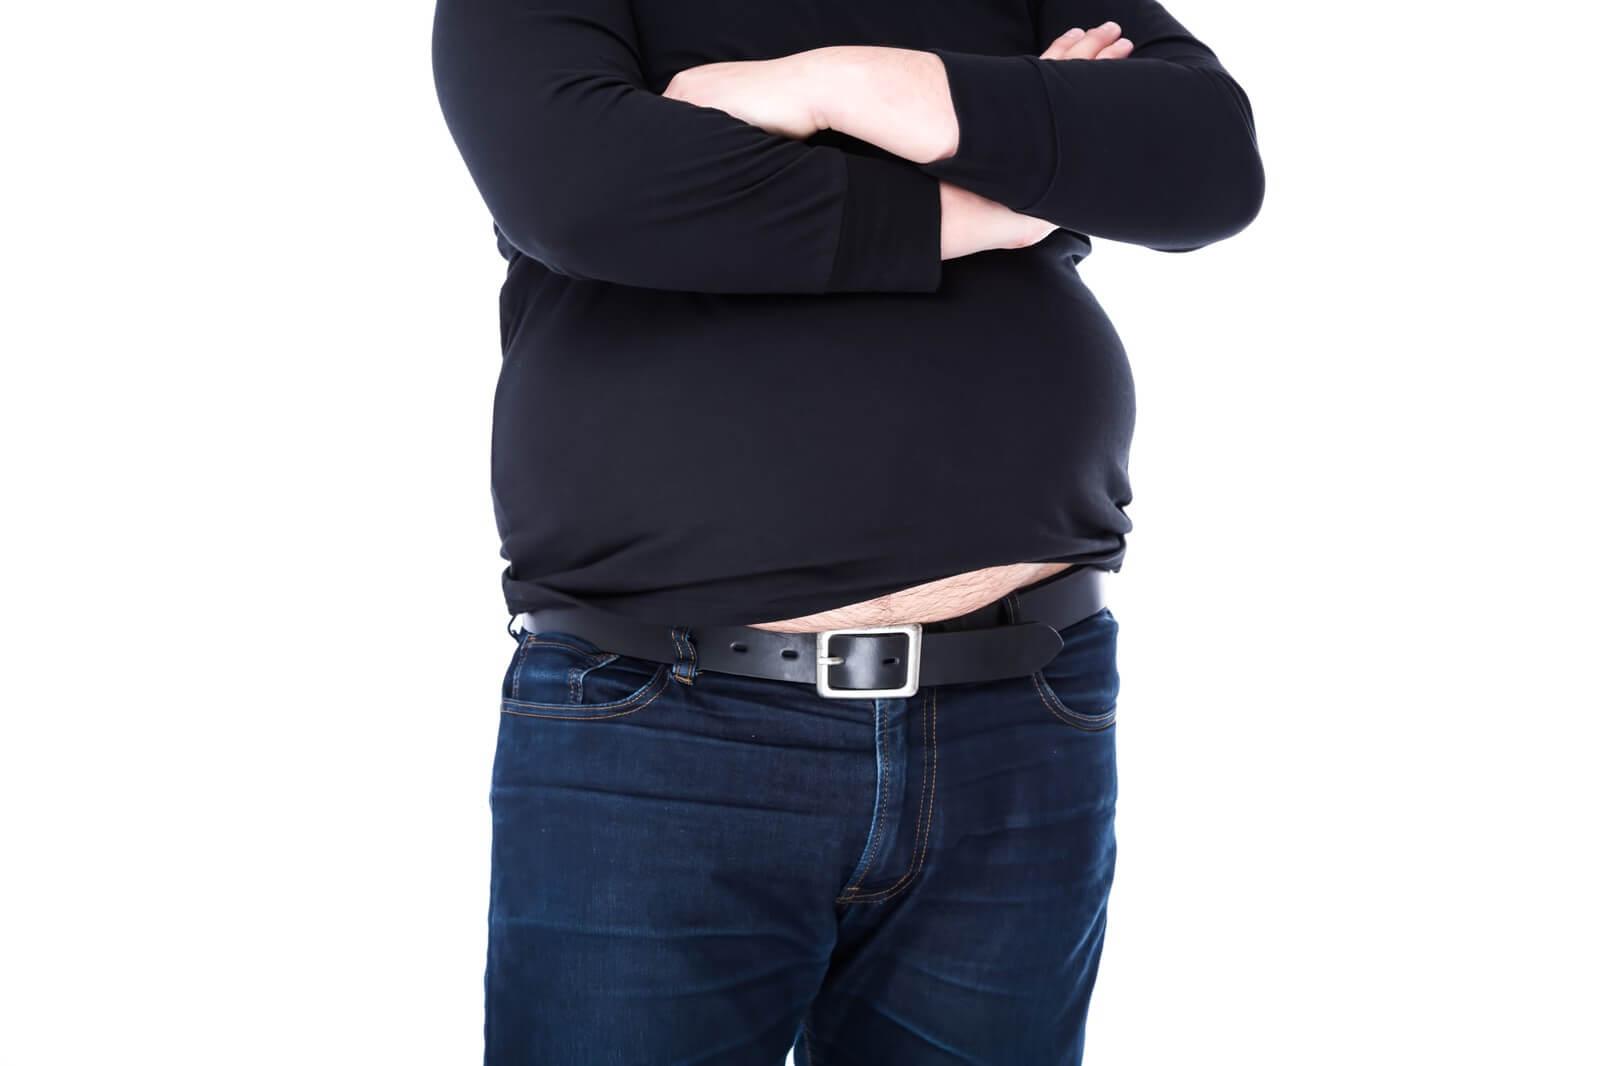 ダイエットを決意!amazonと楽天の体重計のランキングをみてみた!